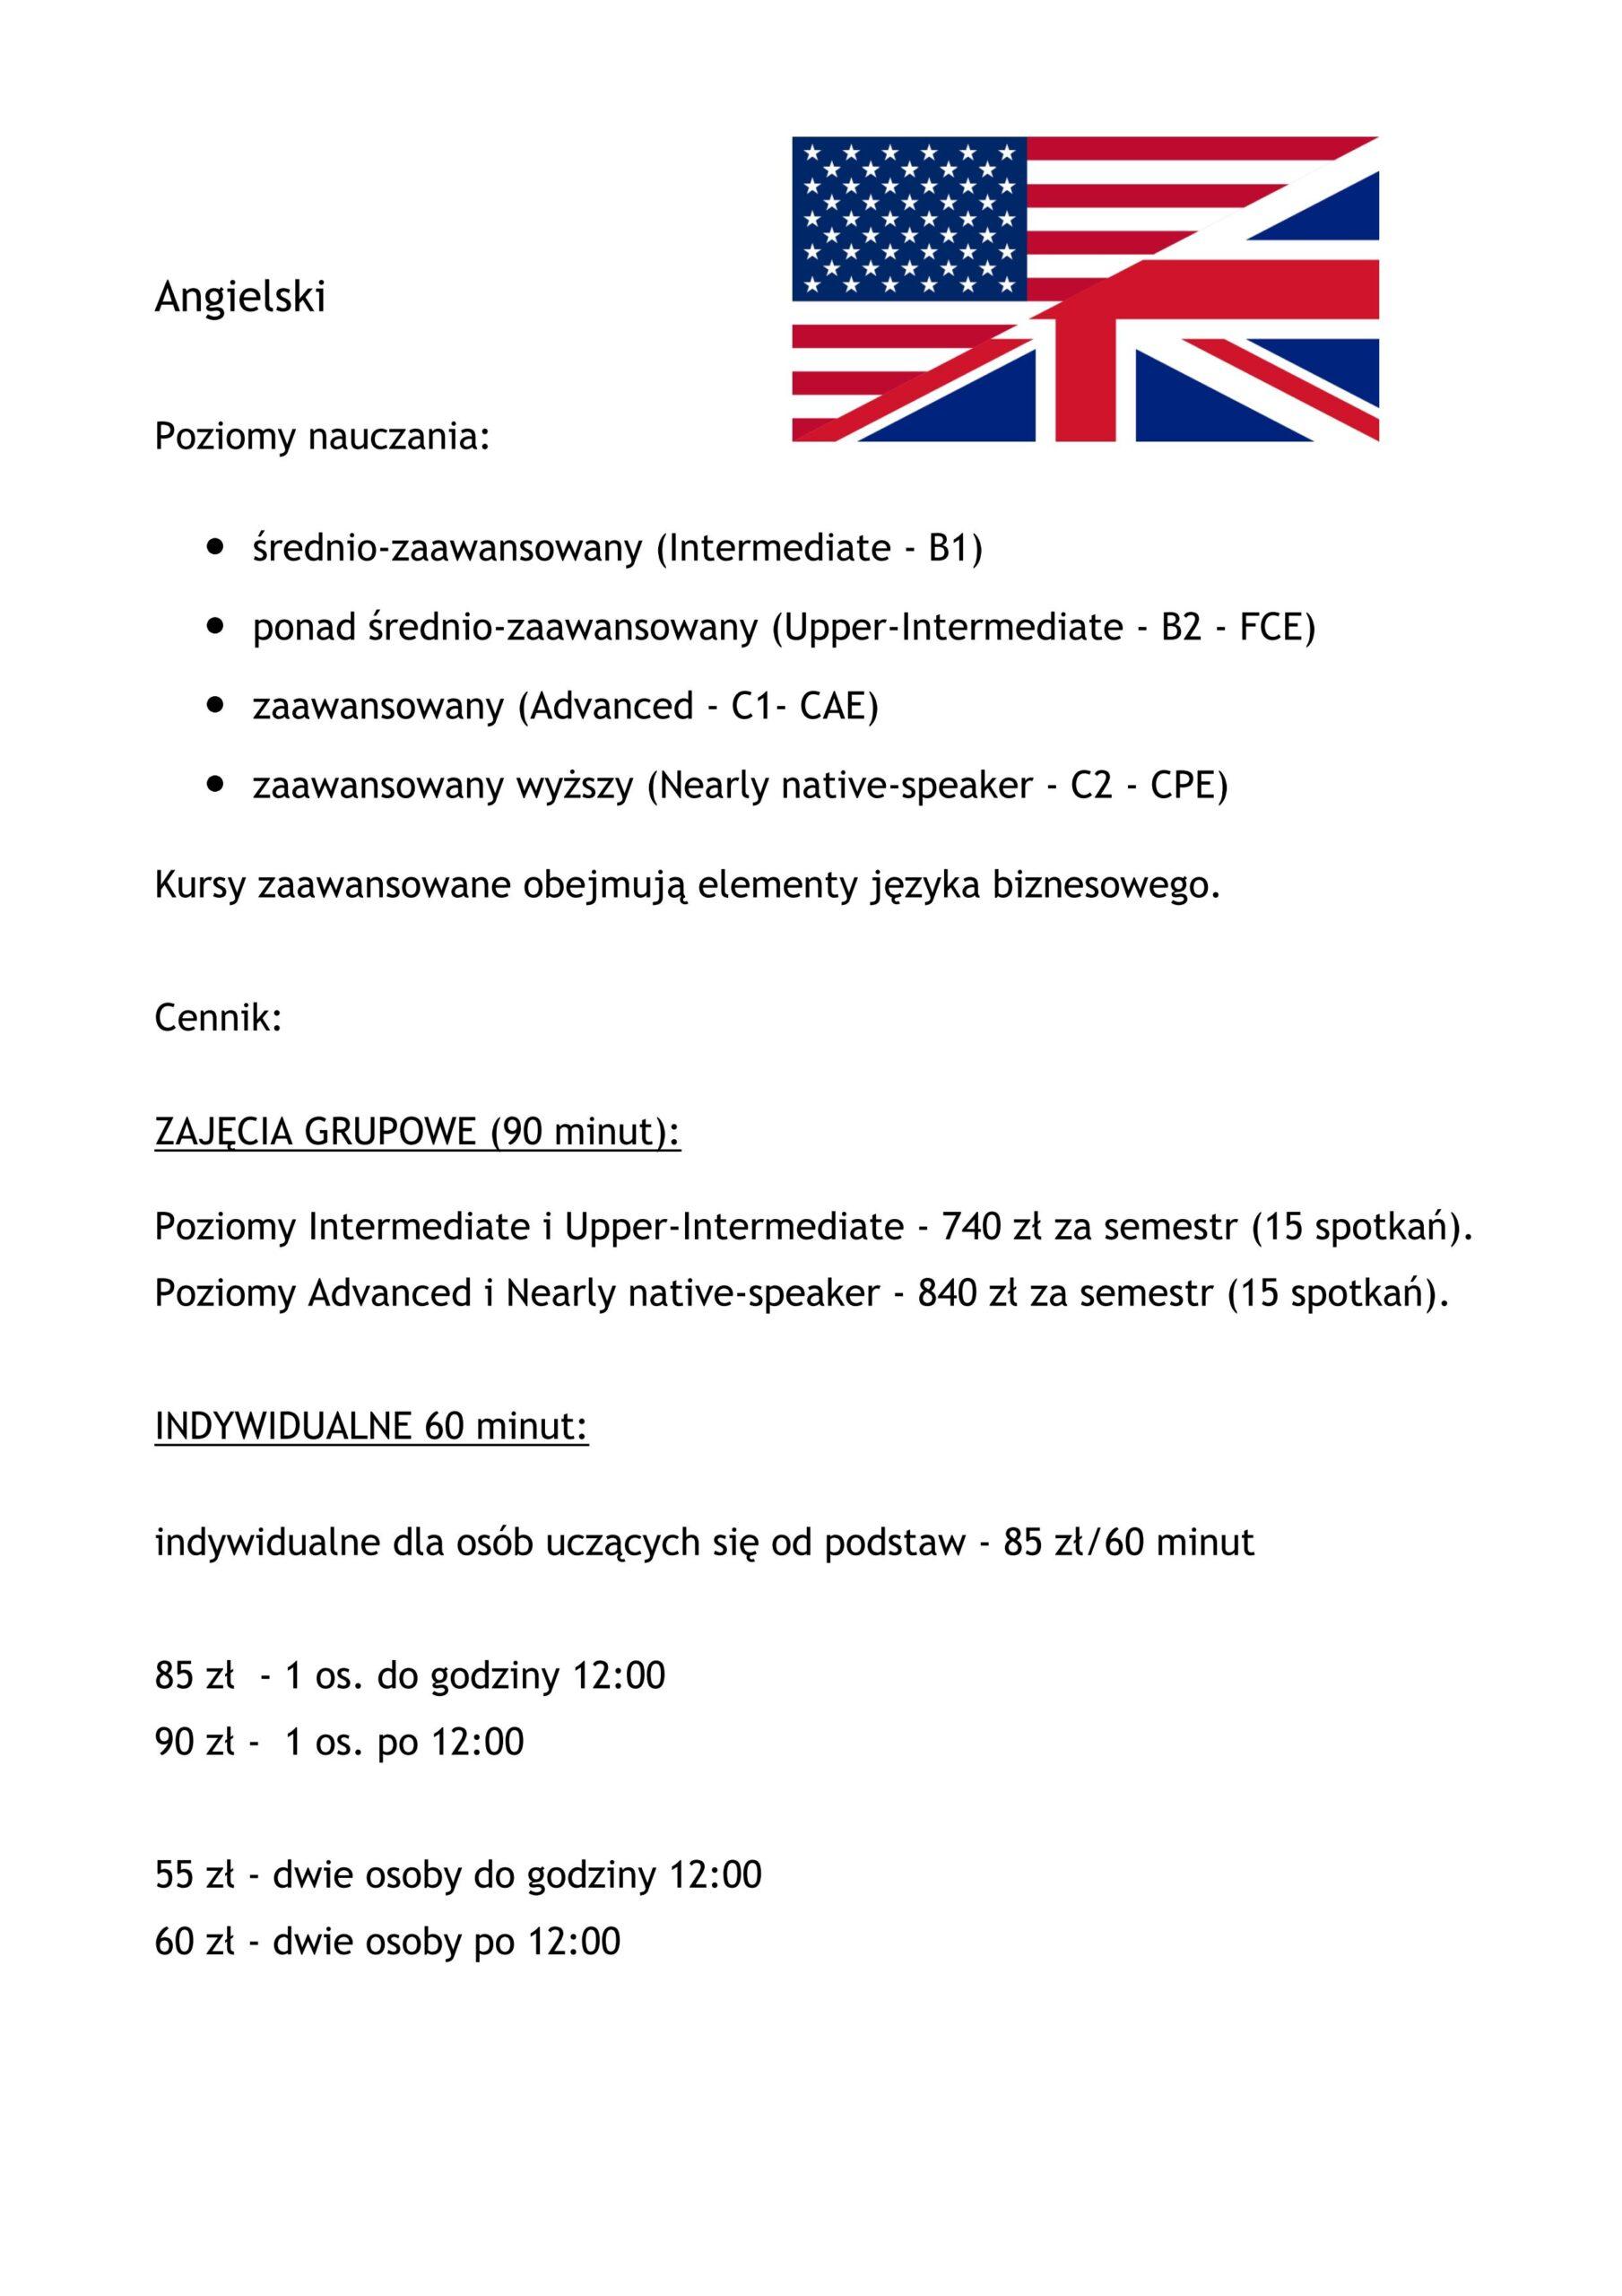 Cennik angielskiego